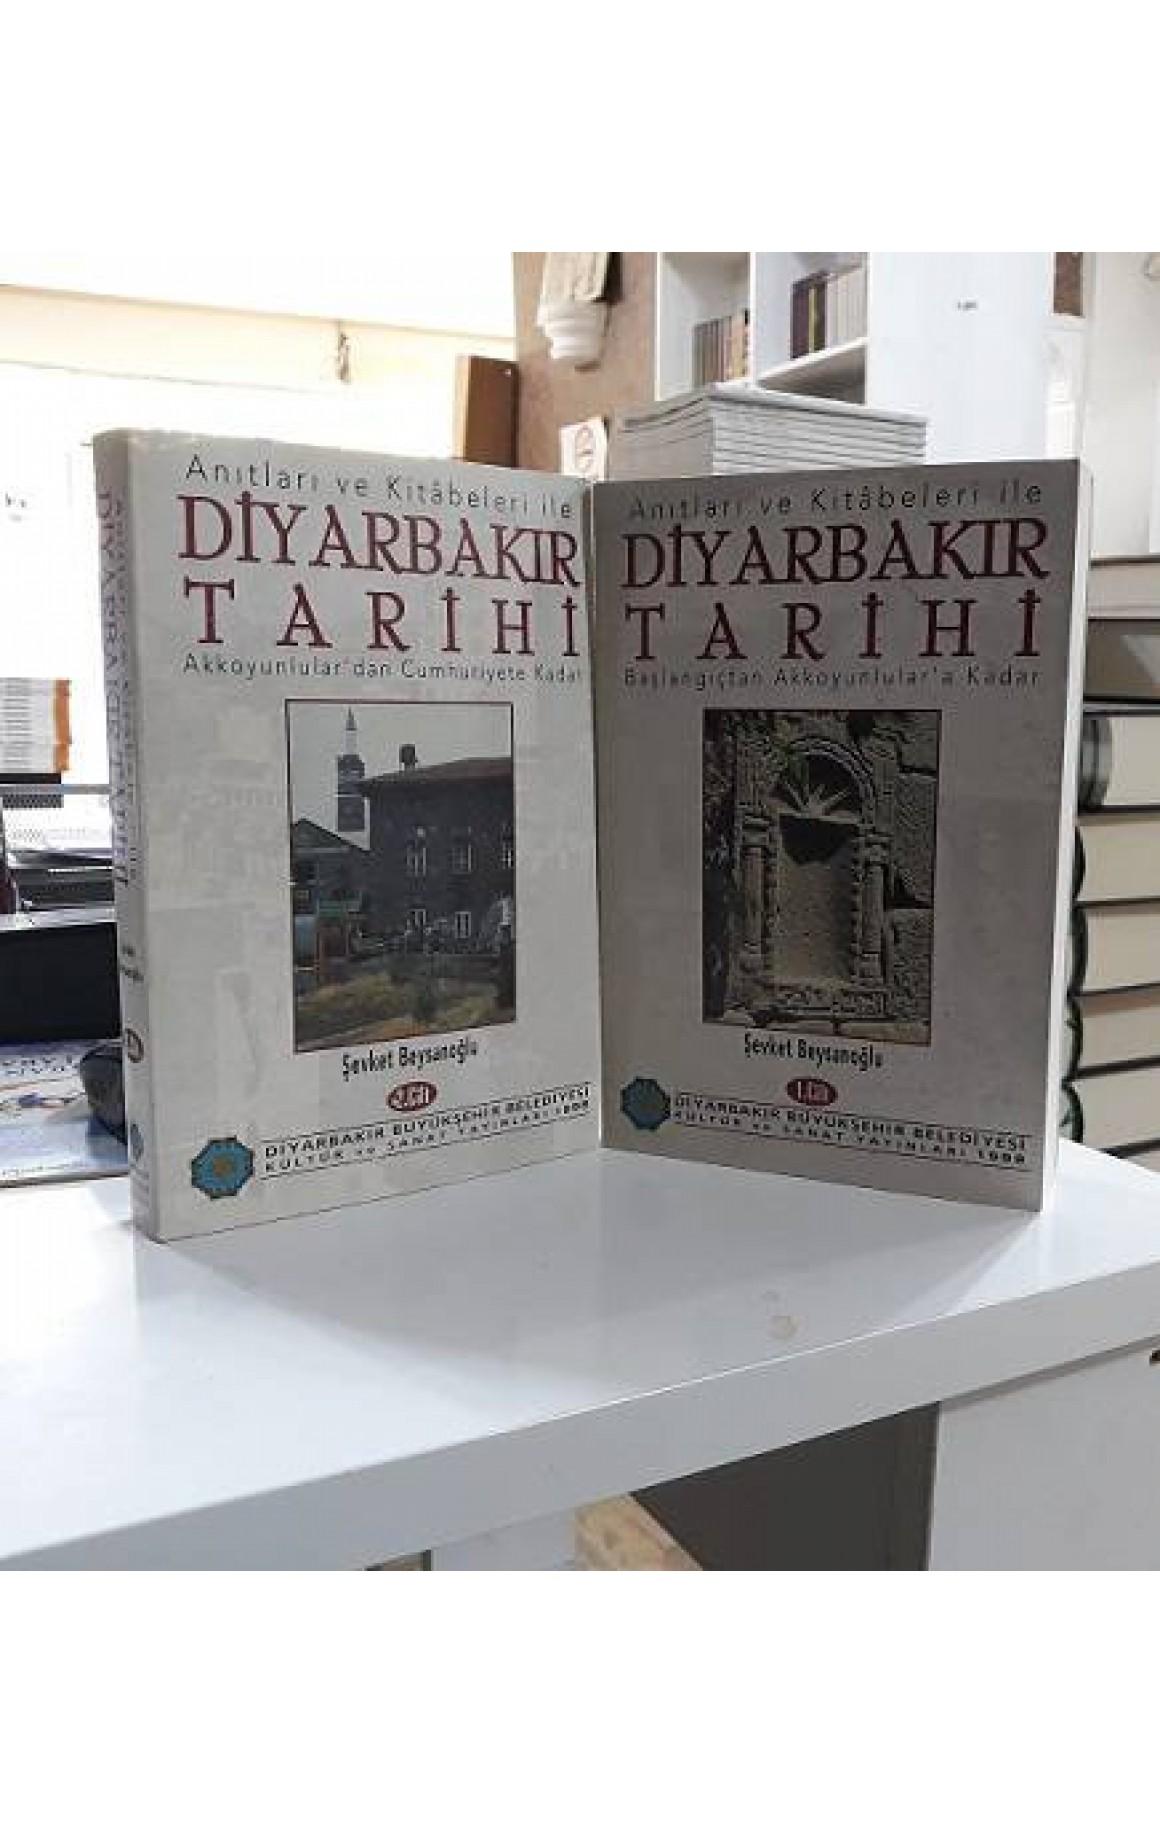 Anıtlar ve Kitabeleri ile Diyarbakır Tarihi